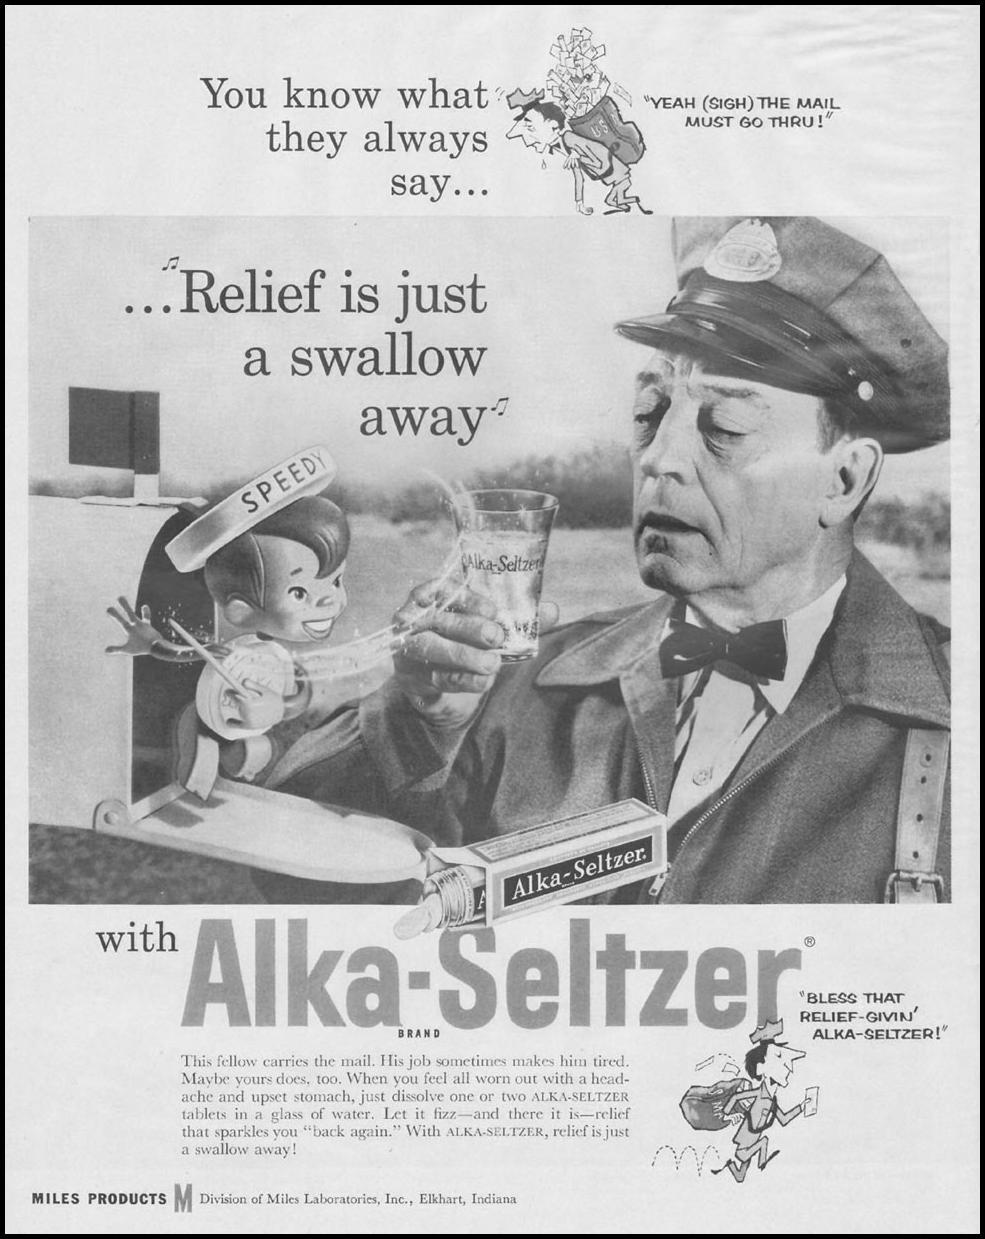 ALKA-SELTZER LIFE 11/24/1958